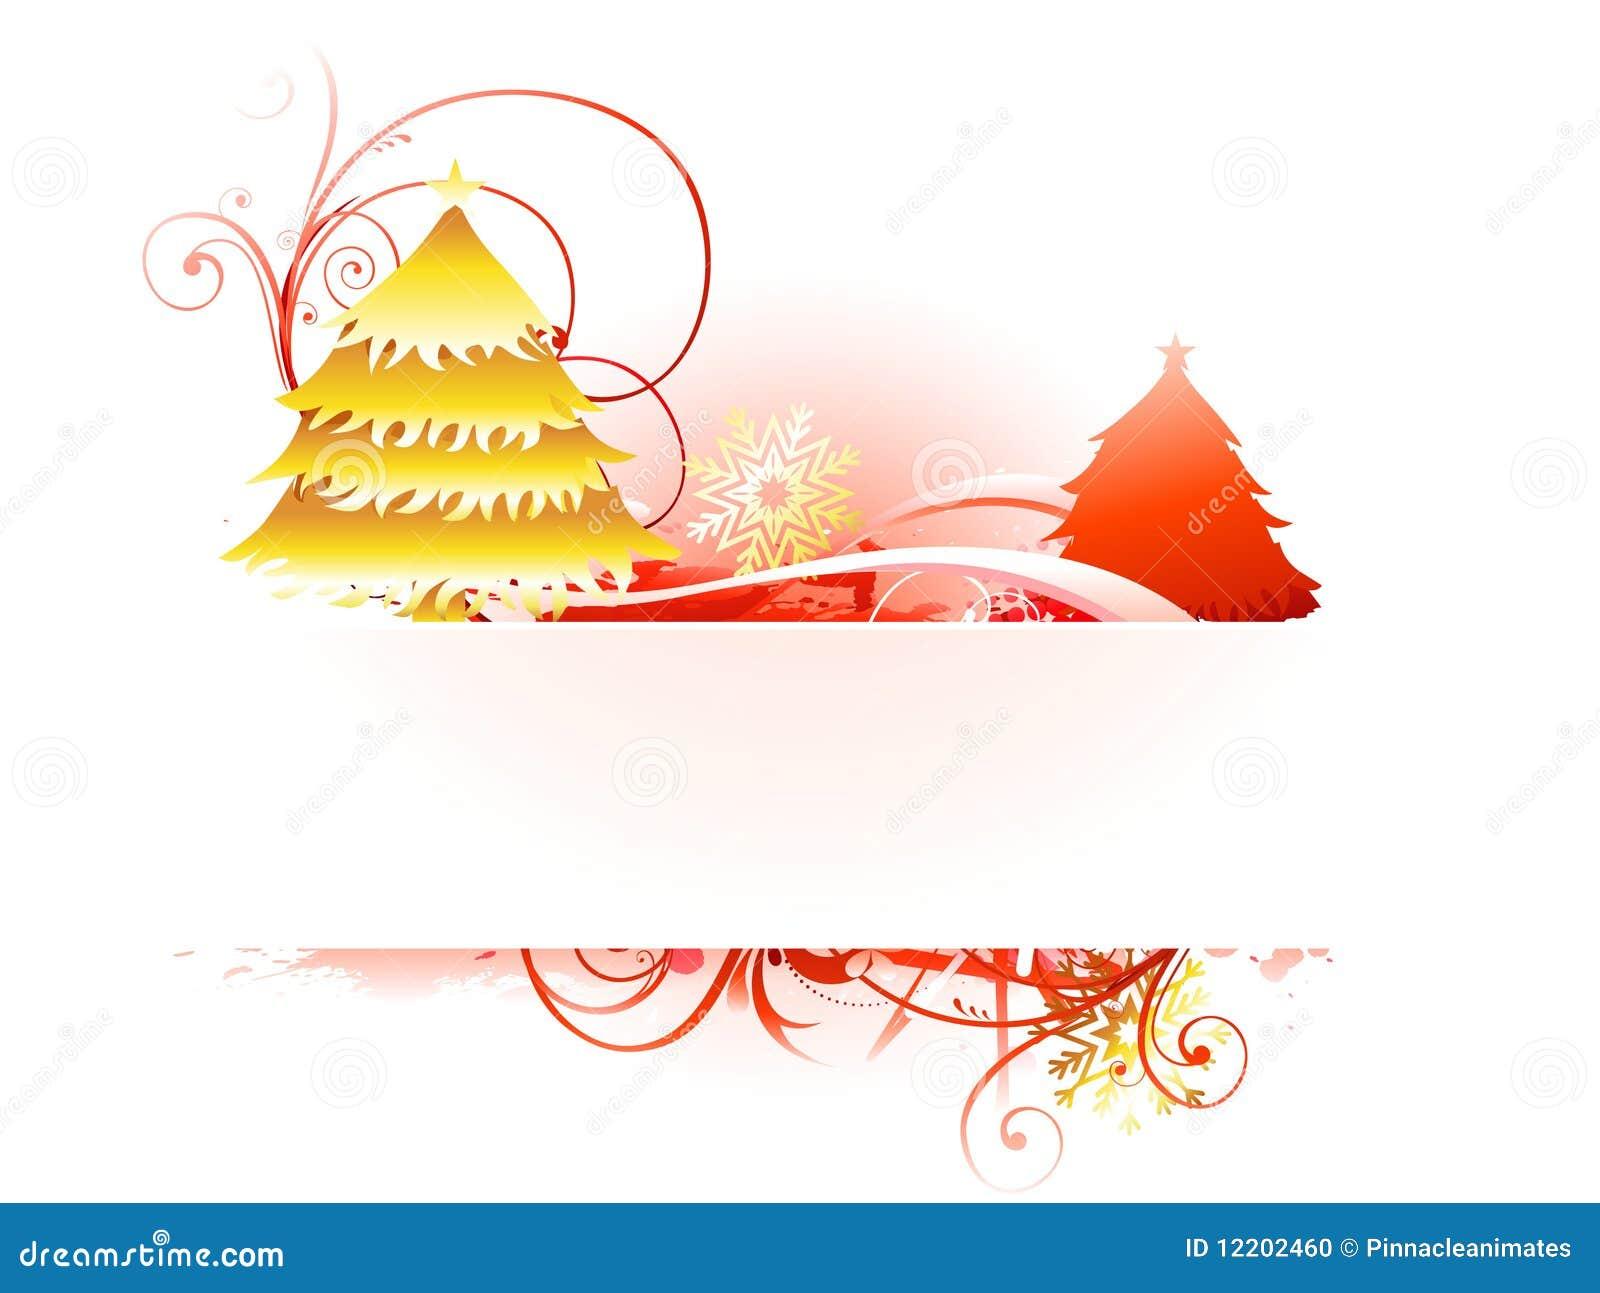 Weihnachtenbackround